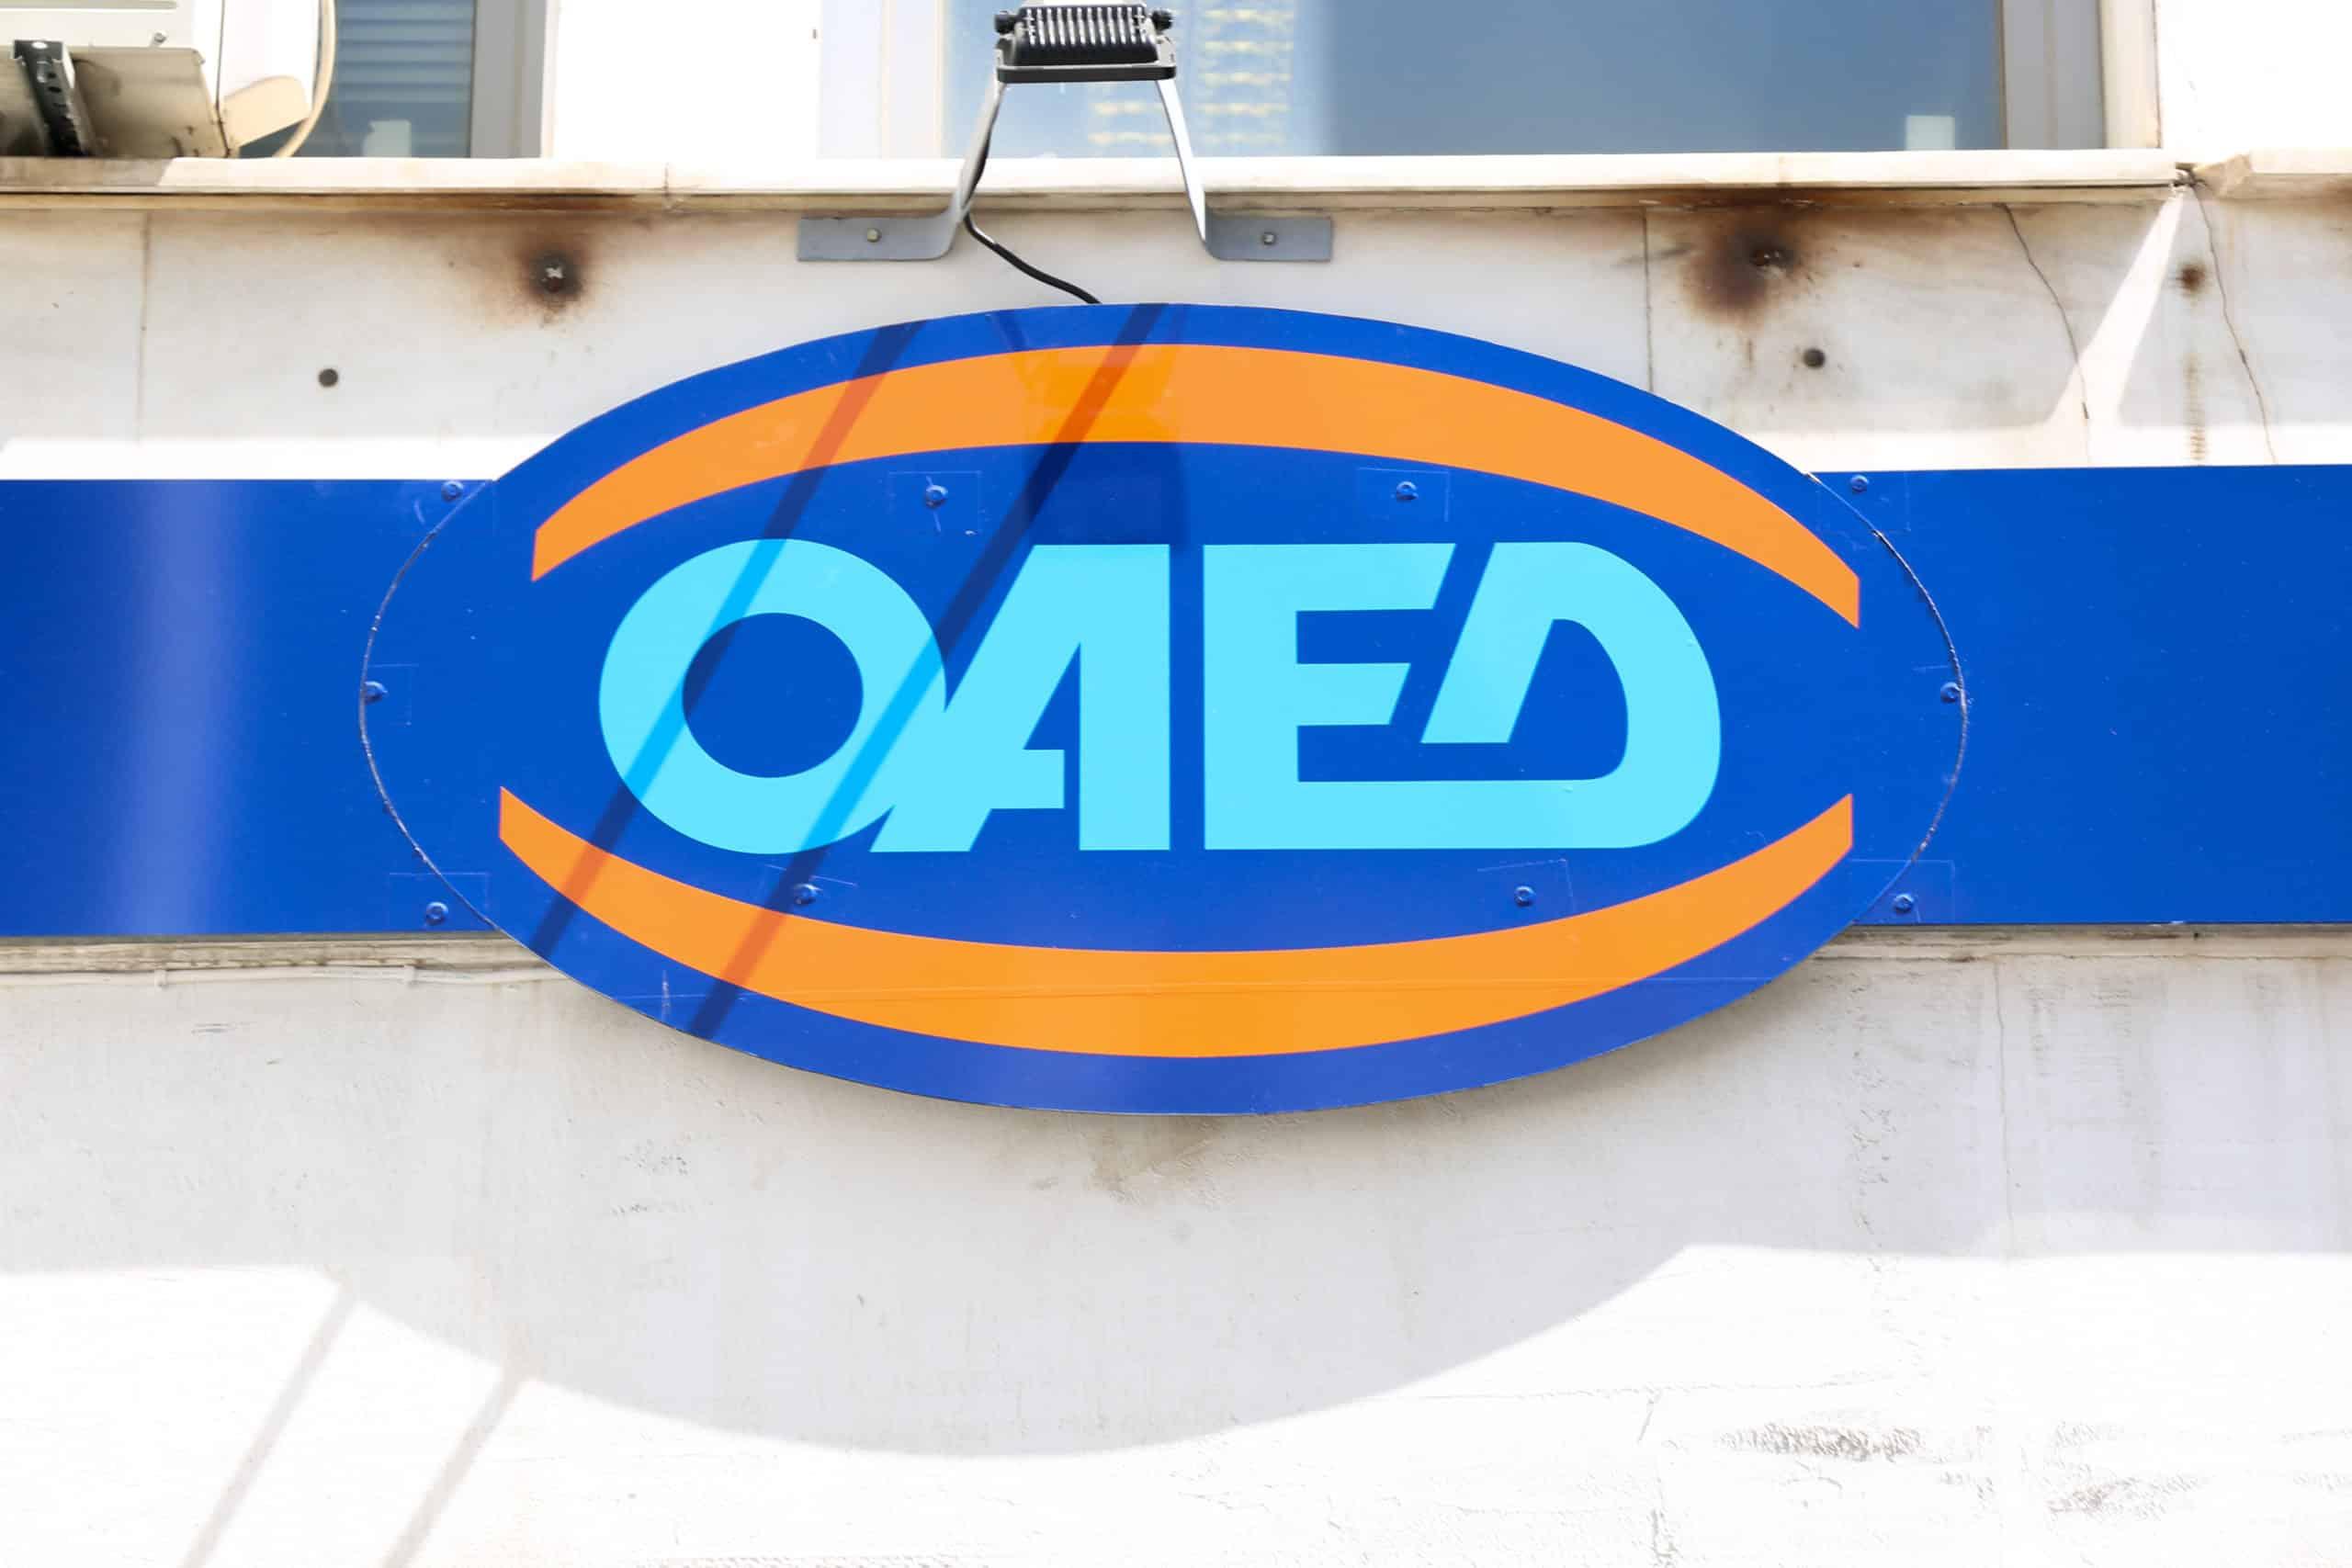 Κοινωφελής ΟΑΕΔ Αποτελέσματα oaed.gr για 36.500 θέσεις ΕΔΩ ΟΑΕΔ: Ηλεκτρονικά η δήλωση παρουσίας των ανέργων